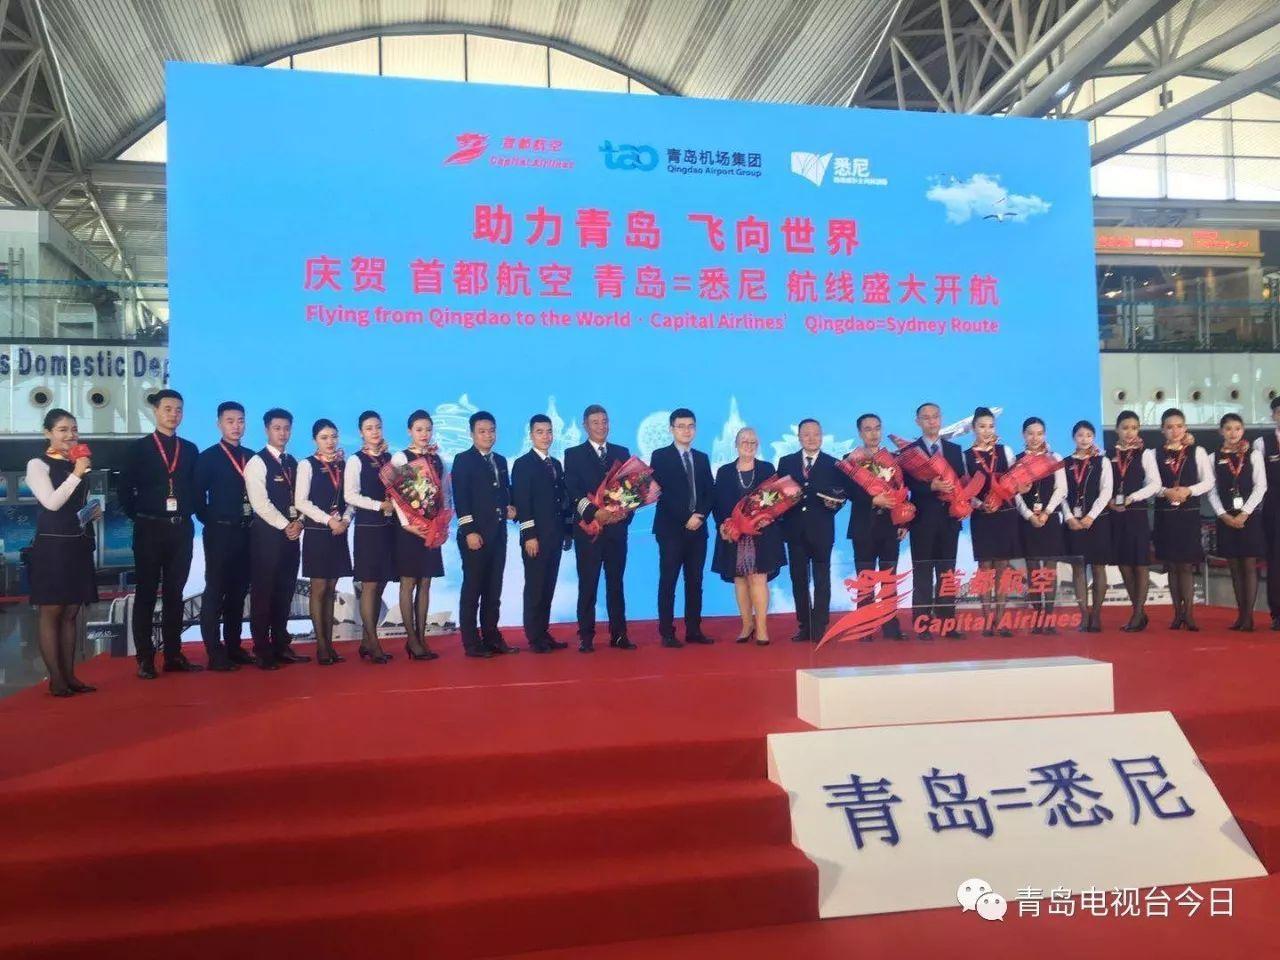 49岁毛宁20年后重回芜湖演出,与歌迷甜蜜对唱帅气依旧!